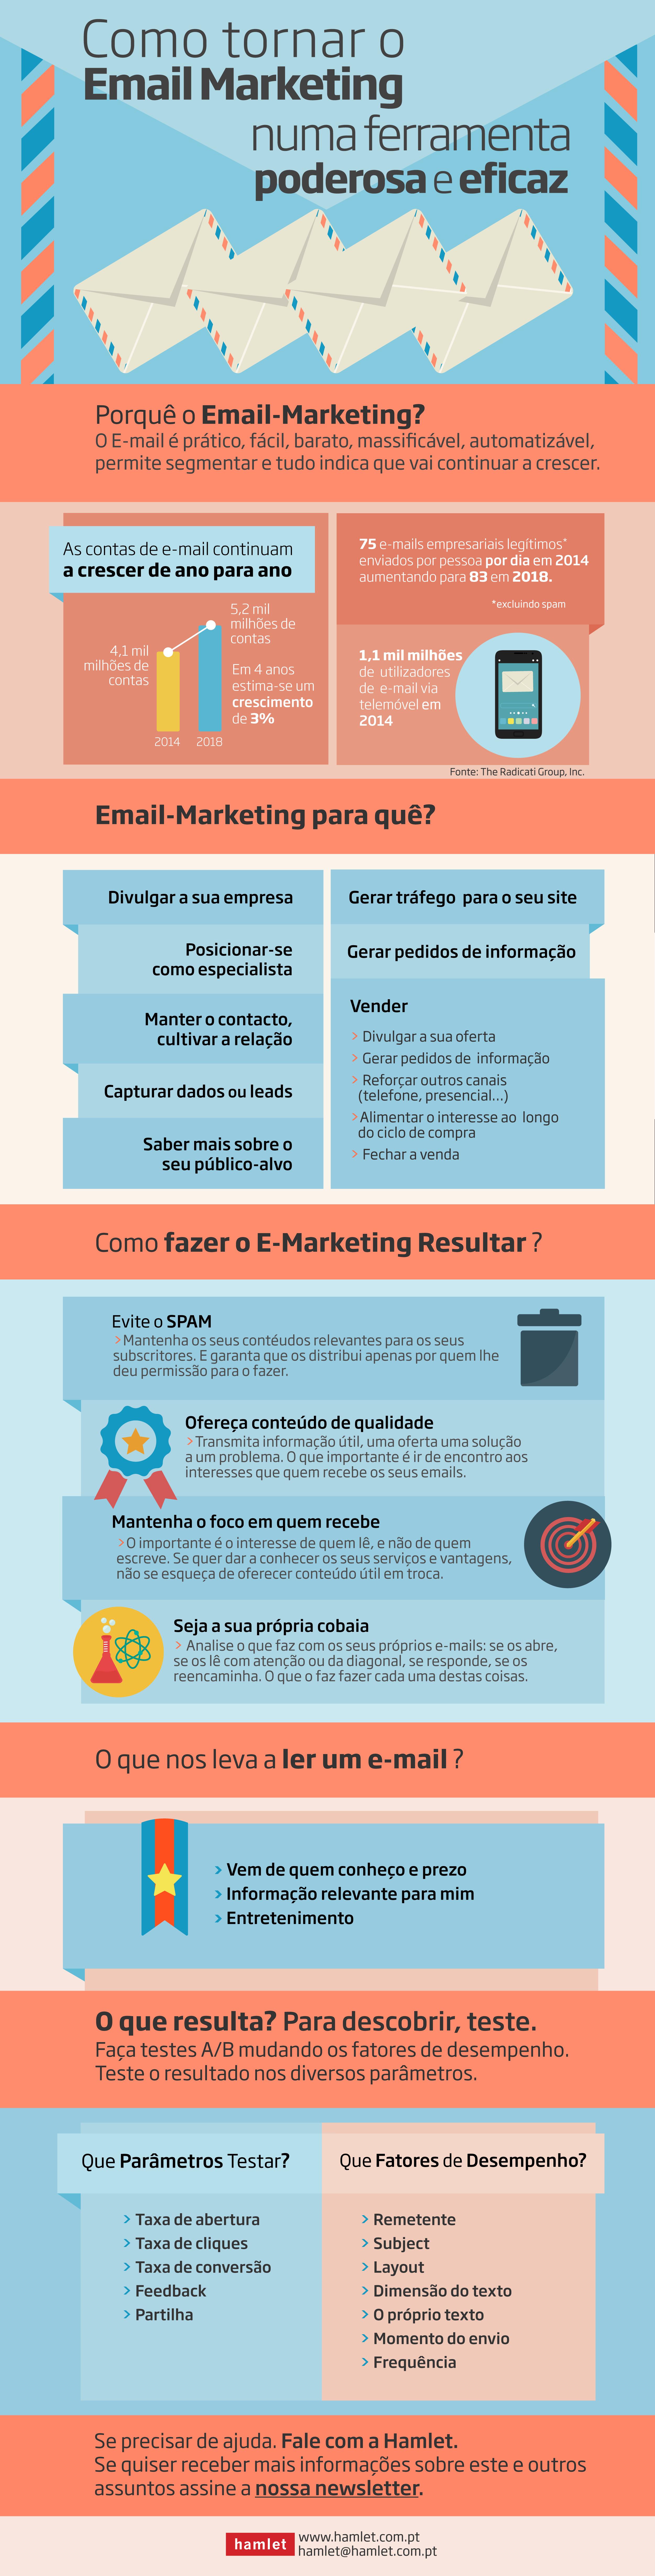 Como tornar o Email Marketing numa ferramenta poderosa e eficaz